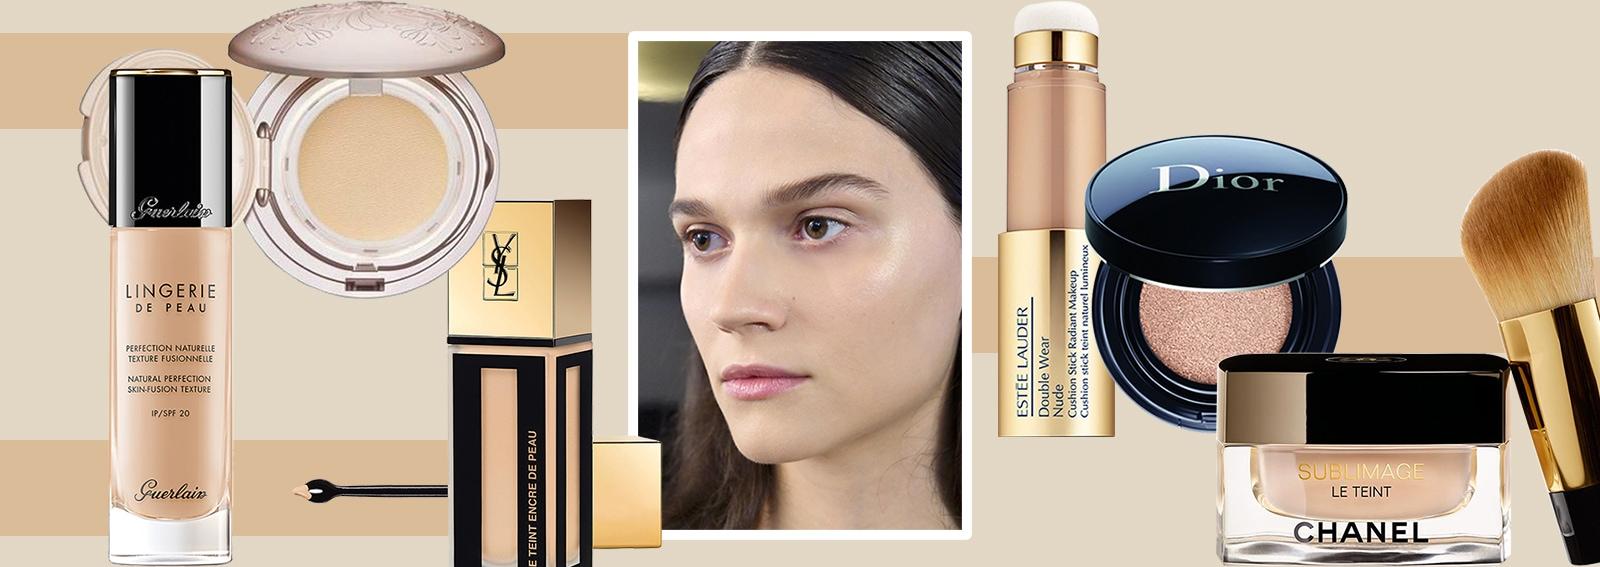 Fondotinta effetto naturale per un make up nude look